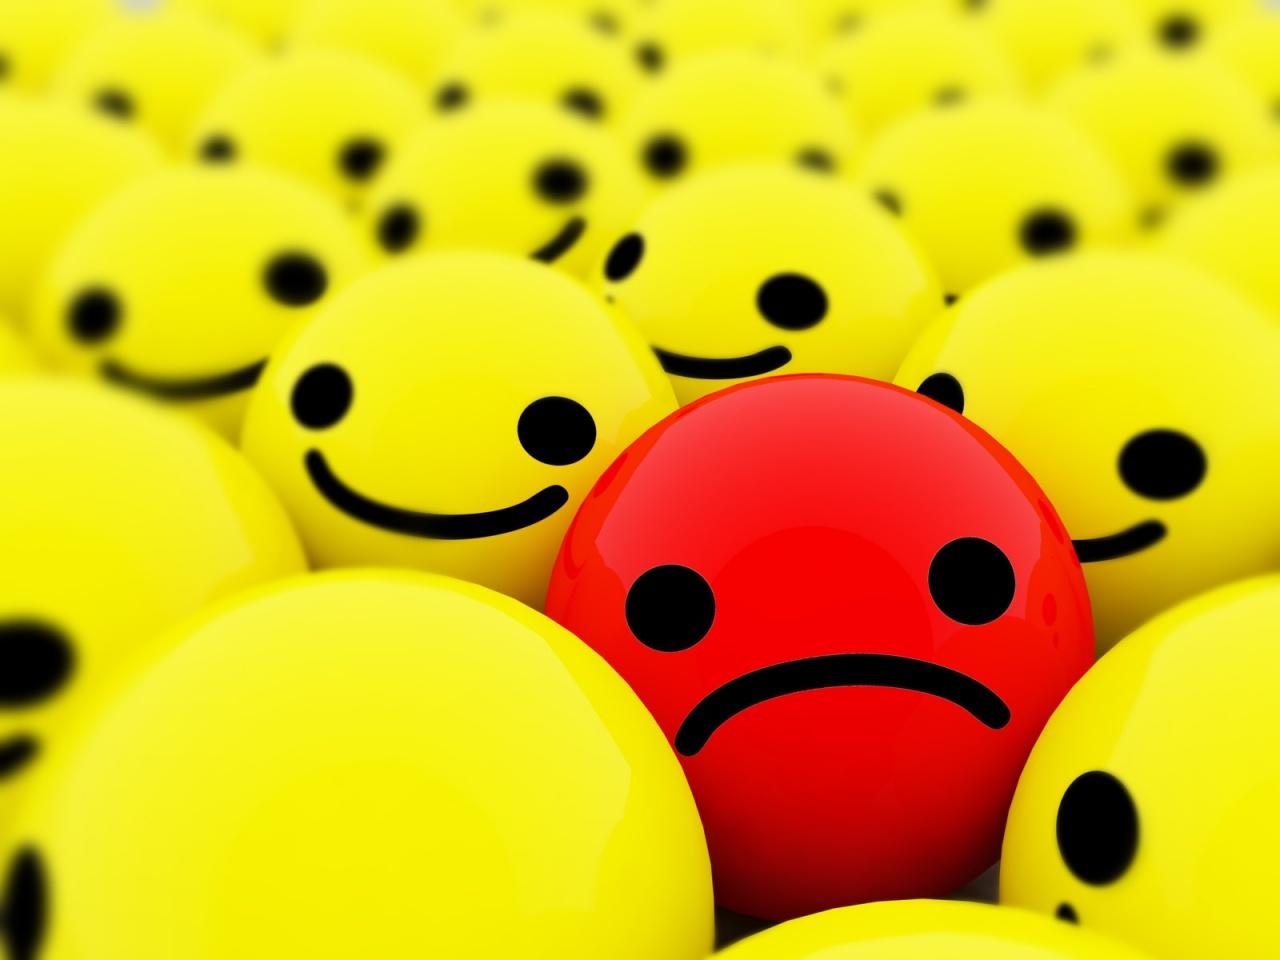 A sad face